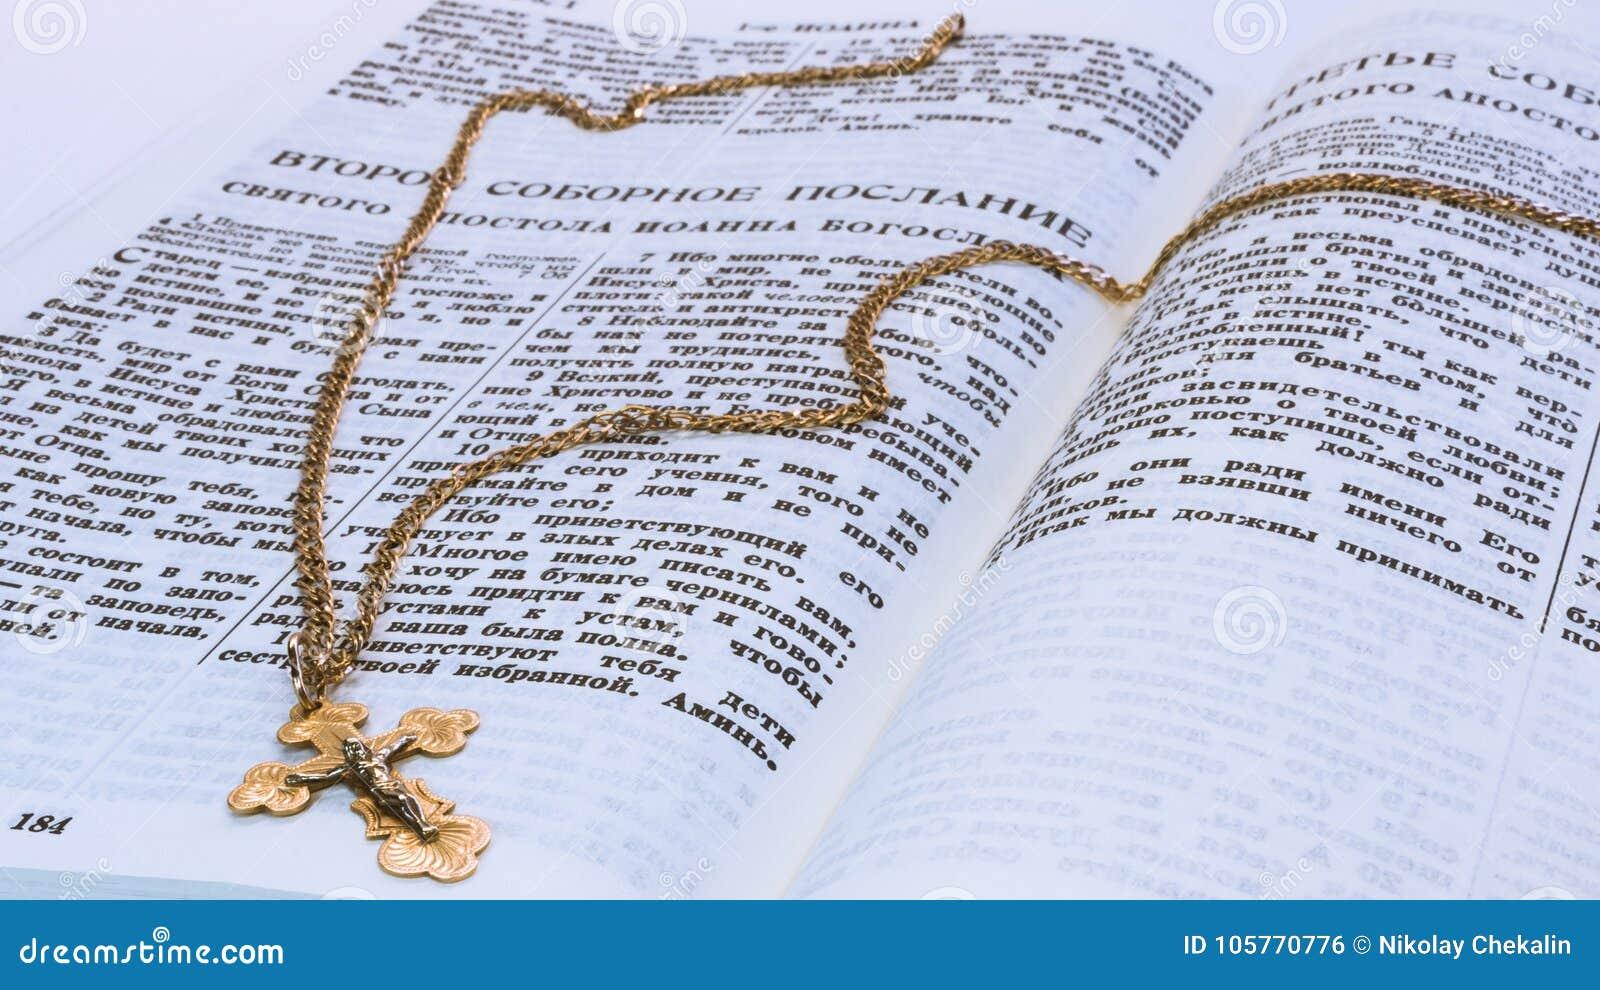 Het gouden kruis van de kruisiging van Christus op heilige scripture van de oude overeenkomst op de pagina met de tekst van de tw